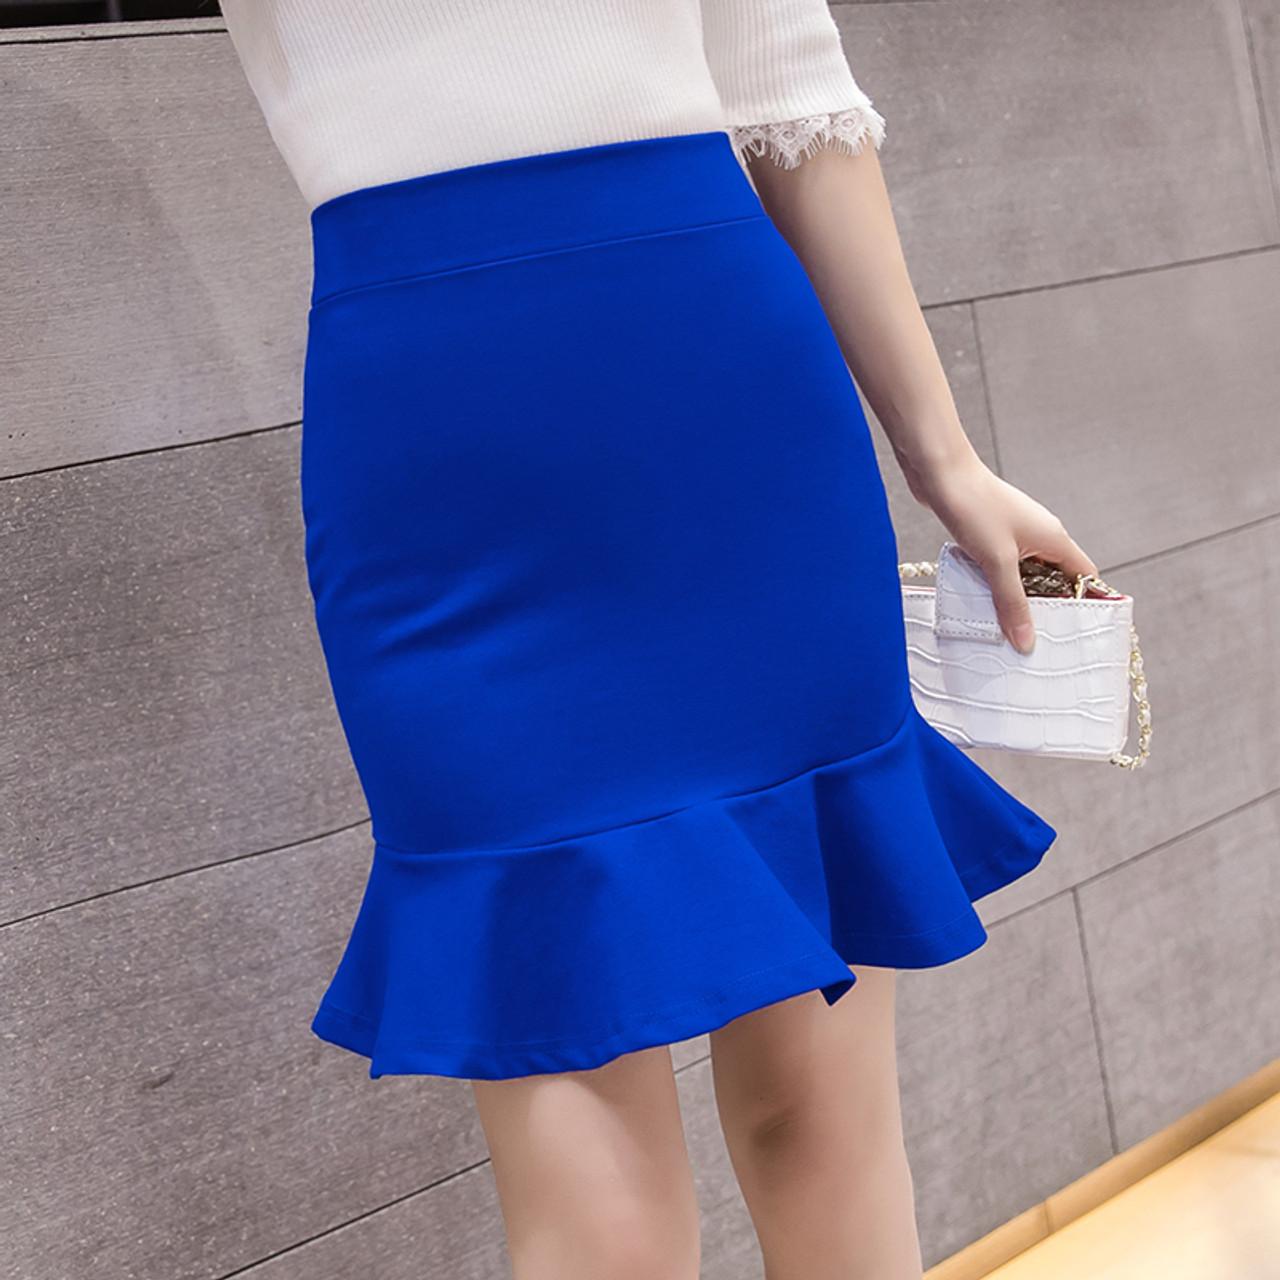 4b5b273ad8e 2018 Women Short Pencil Skirt Slim Bodycon High Waist Ruffles Hem Mermaid  Solid Mini Skirt Ladies ...